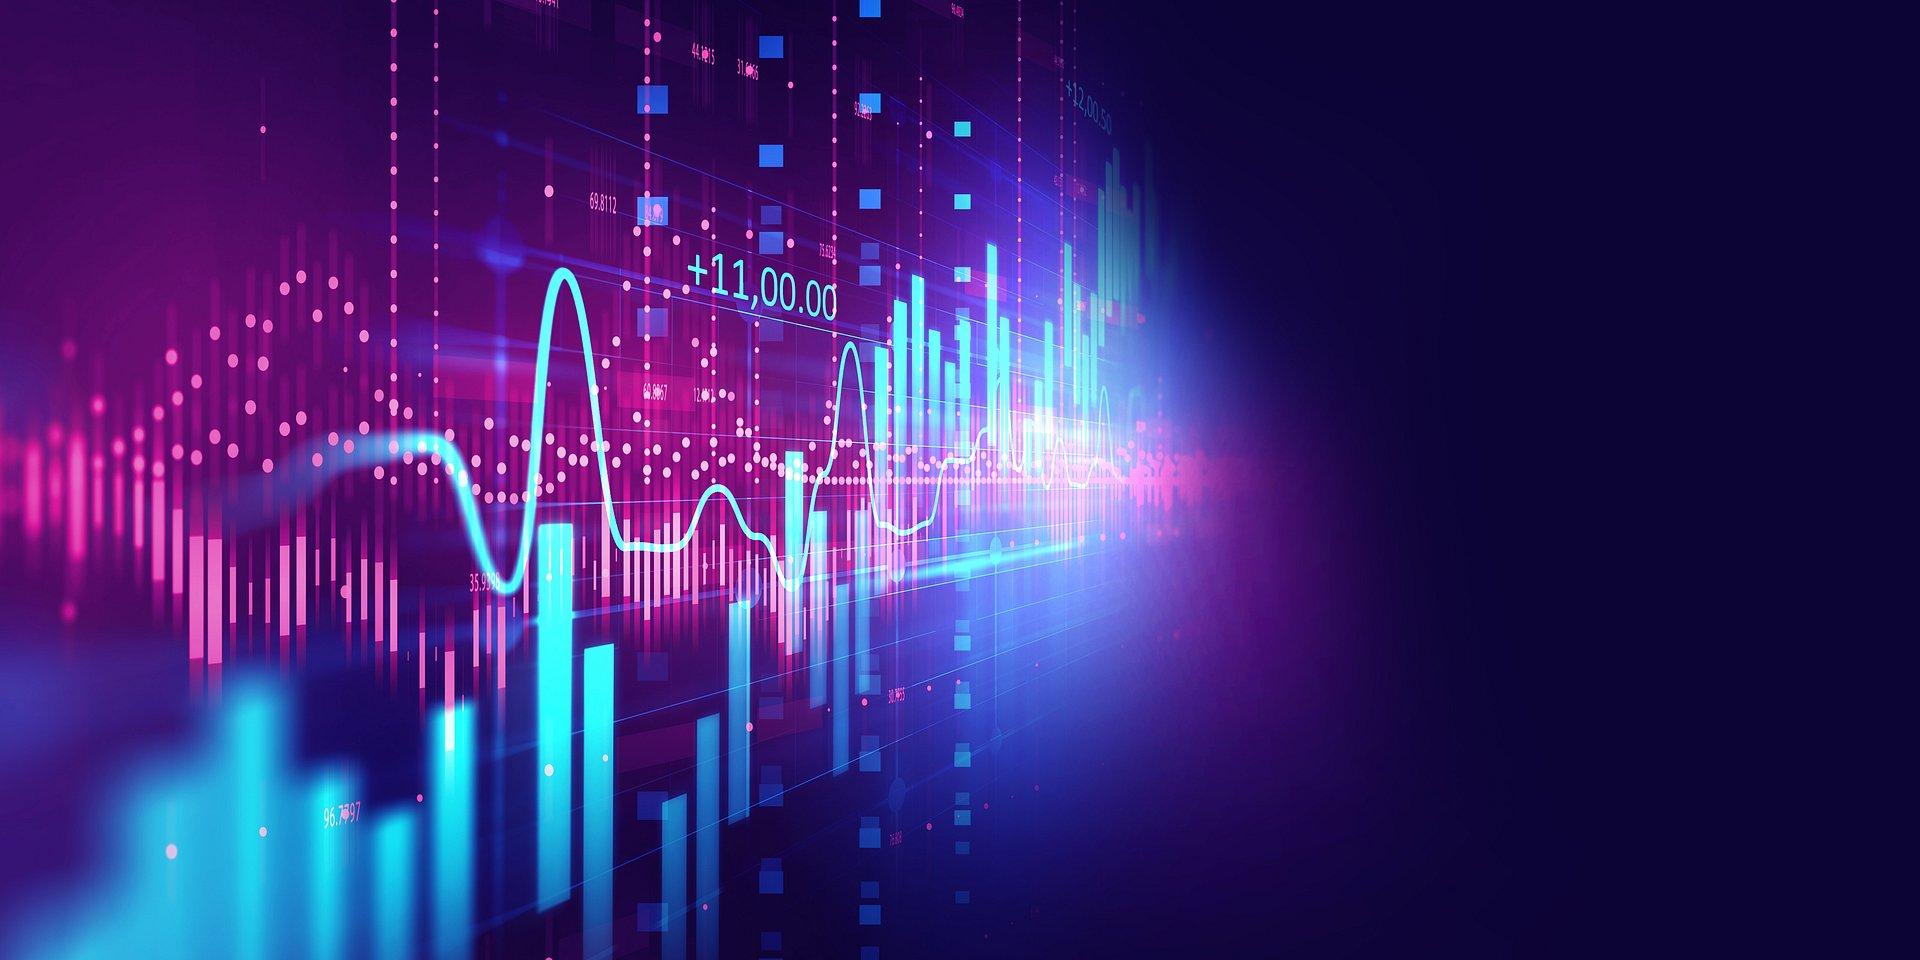 MakoLab wygrywa przetarg Komisji Europejskiej na stworzenie słownika pojęć dla regulatorów rynków finansowych za pomocą metod uczenia maszynowego